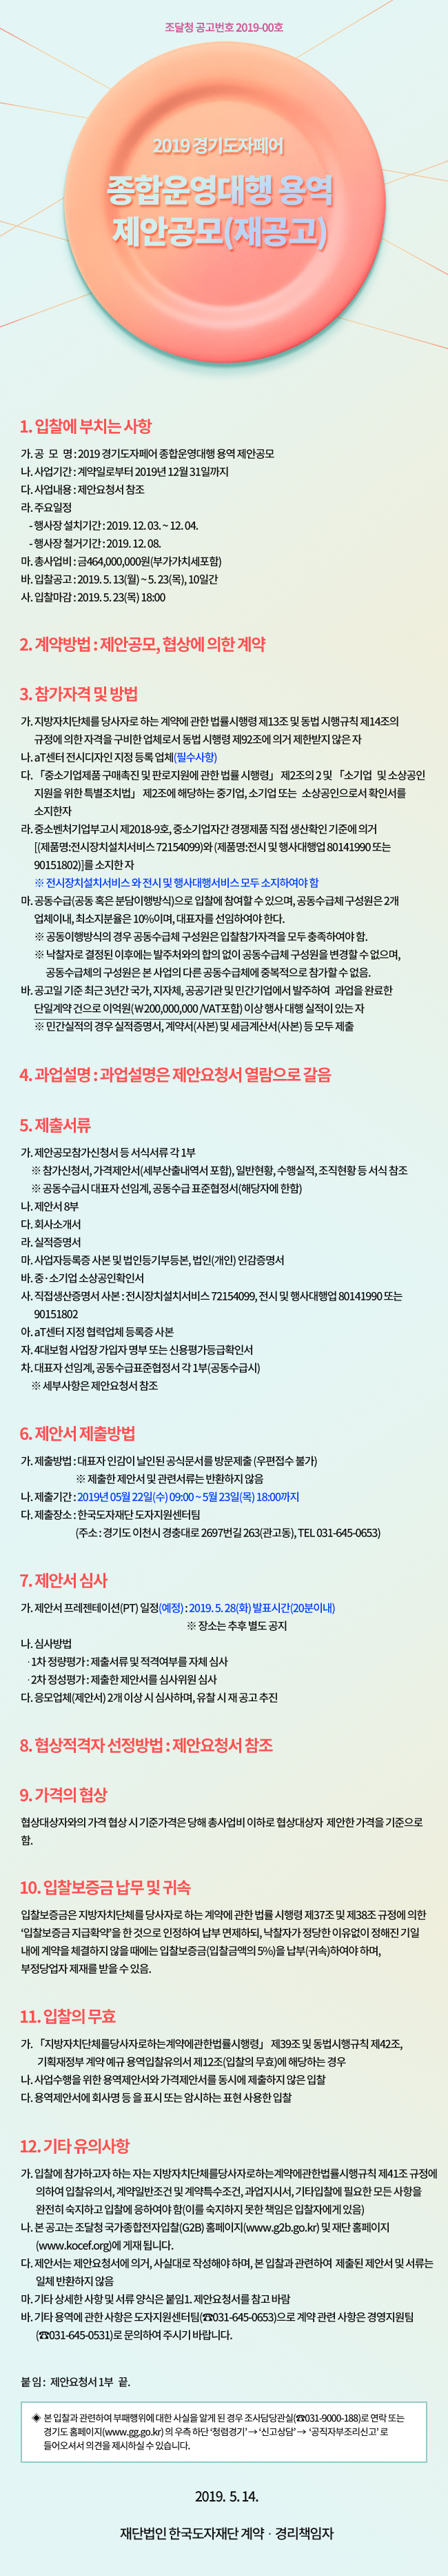 2019 경기도자페어 종합운영대행 용역 제안공모(재공고)